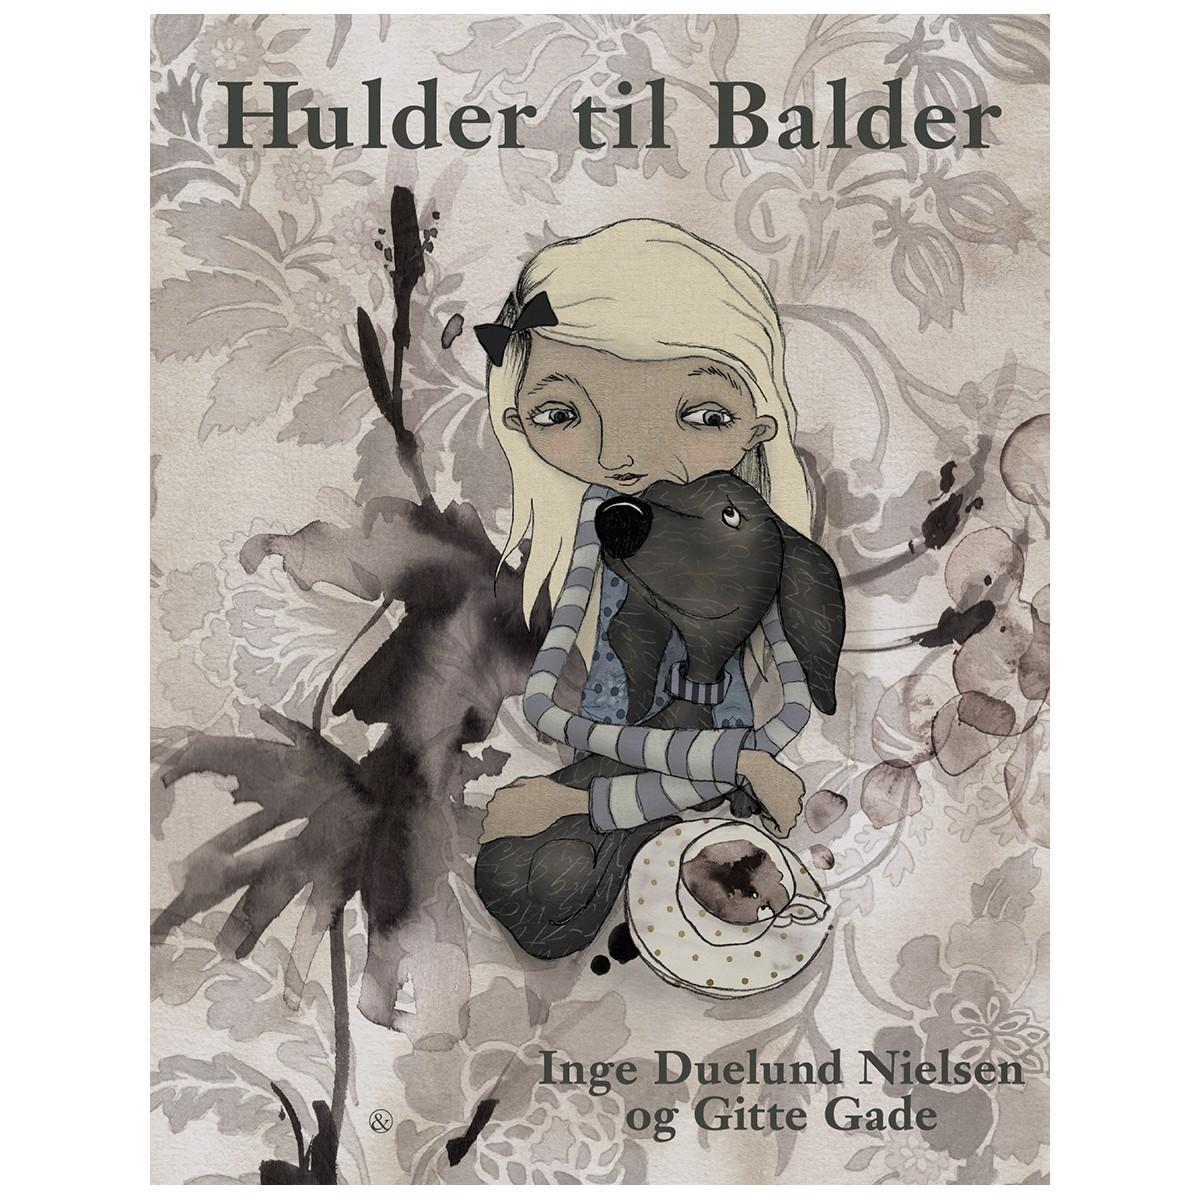 HUlder til balder Inge Duelund NIelsen børnebøger